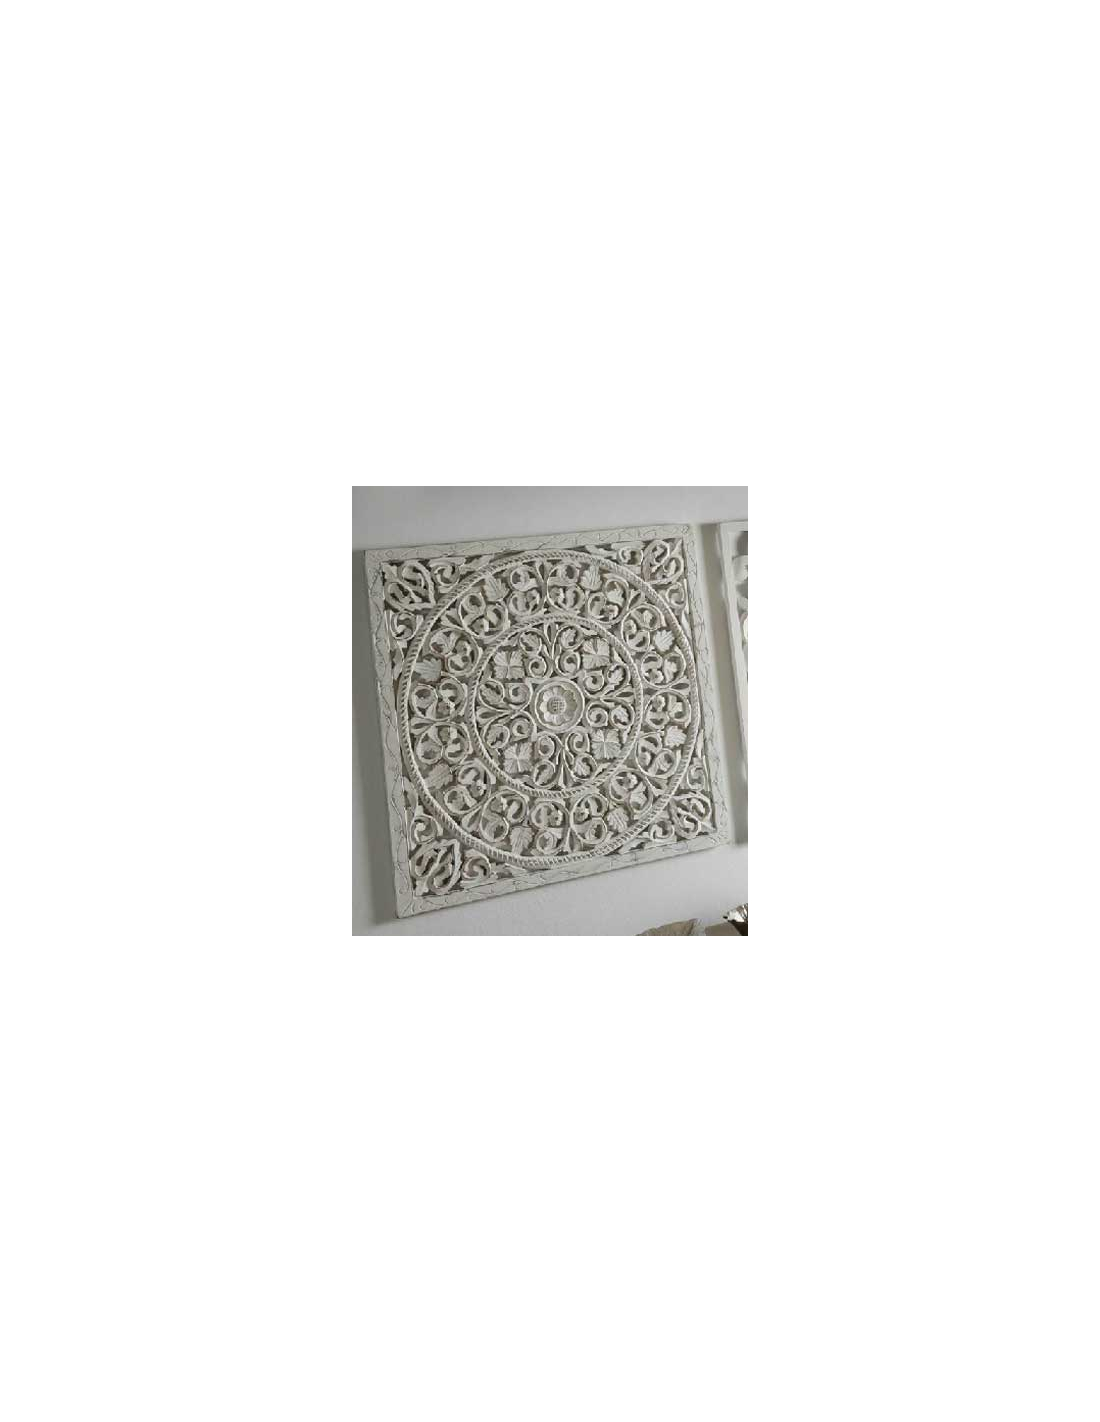 Comprar cuadro panel madera tallado c rculos color blanco - Comprar decoracion arabe ...